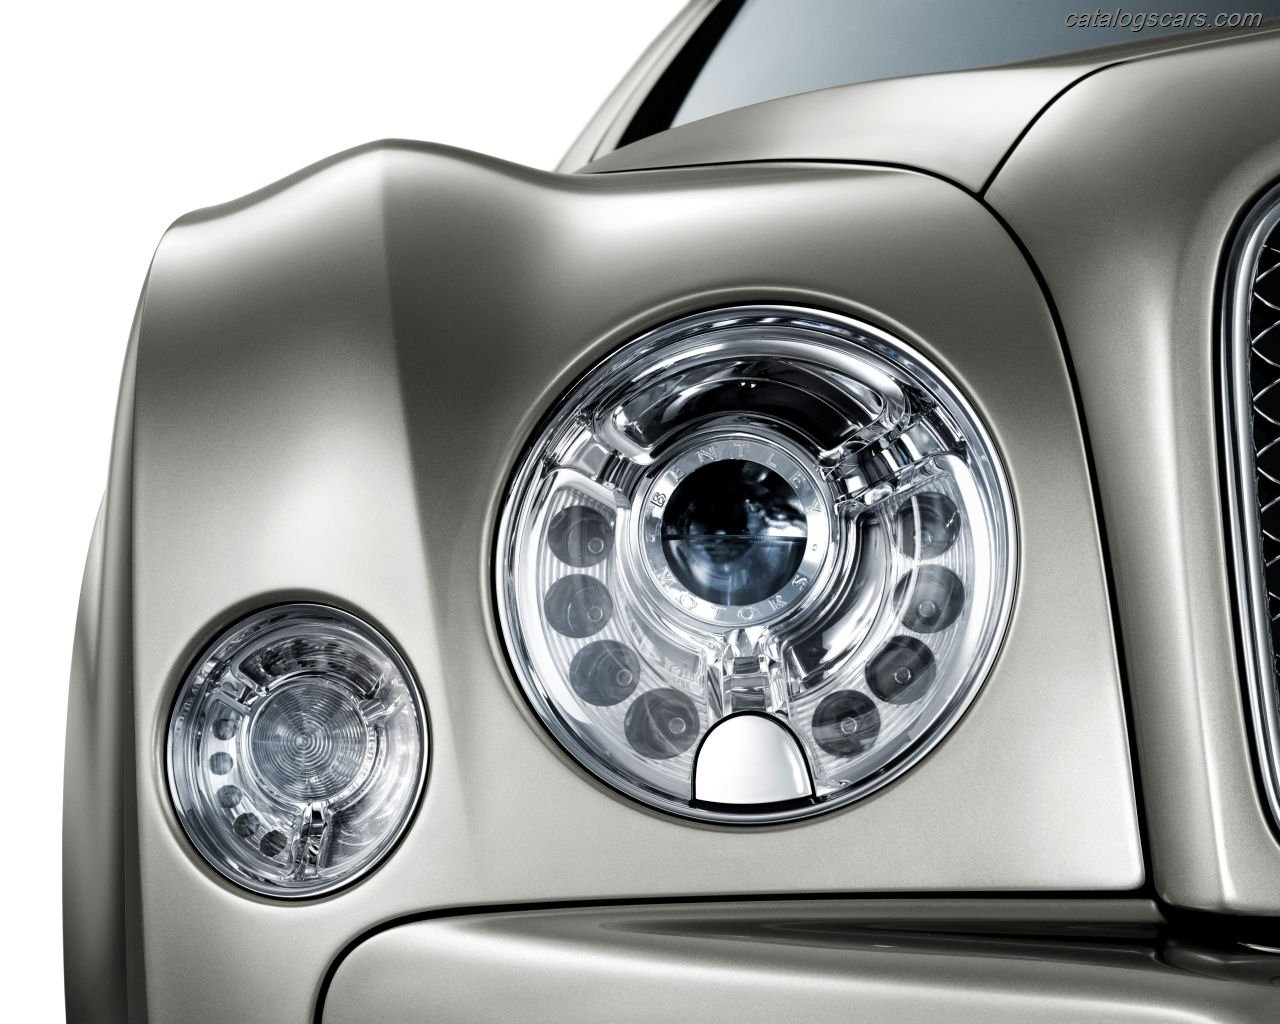 صور سيارة بنتلى مولسان 2014 - اجمل خلفيات صور عربية بنتلى مولسان 2014 - Bentley Mulsanne Photos Bentley-Mulsanne-2011-09.jpg